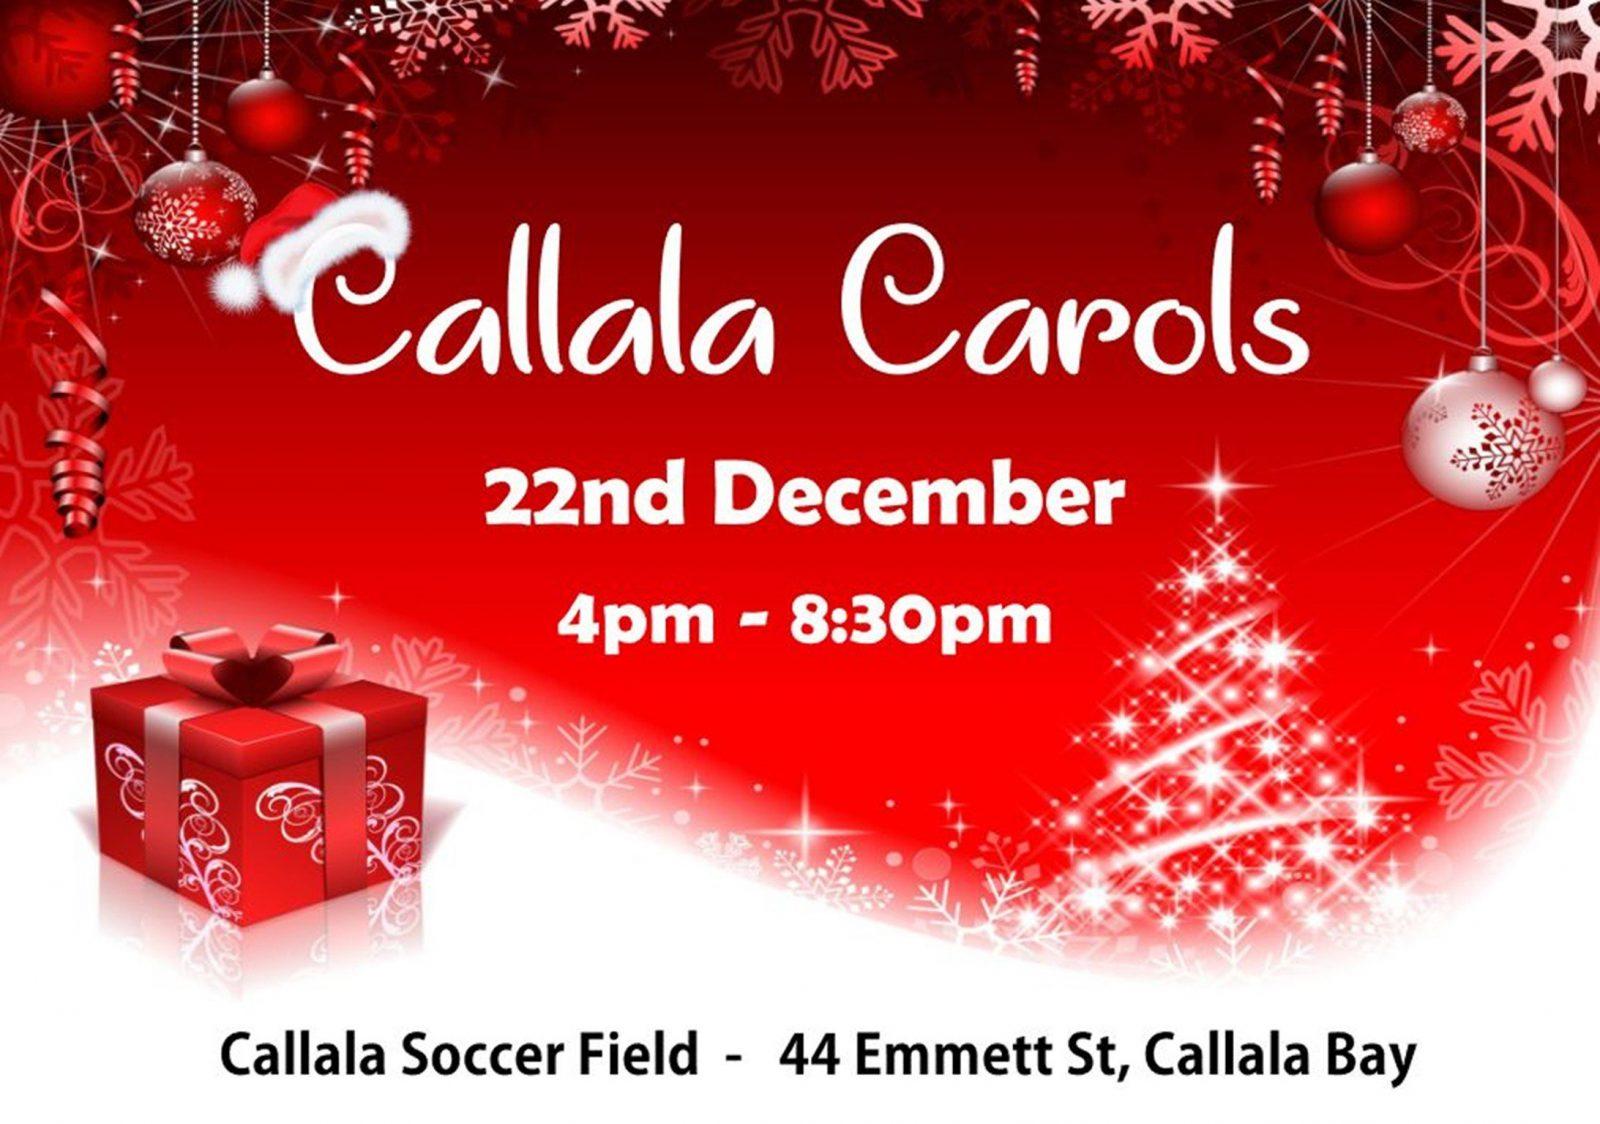 Callala Carols